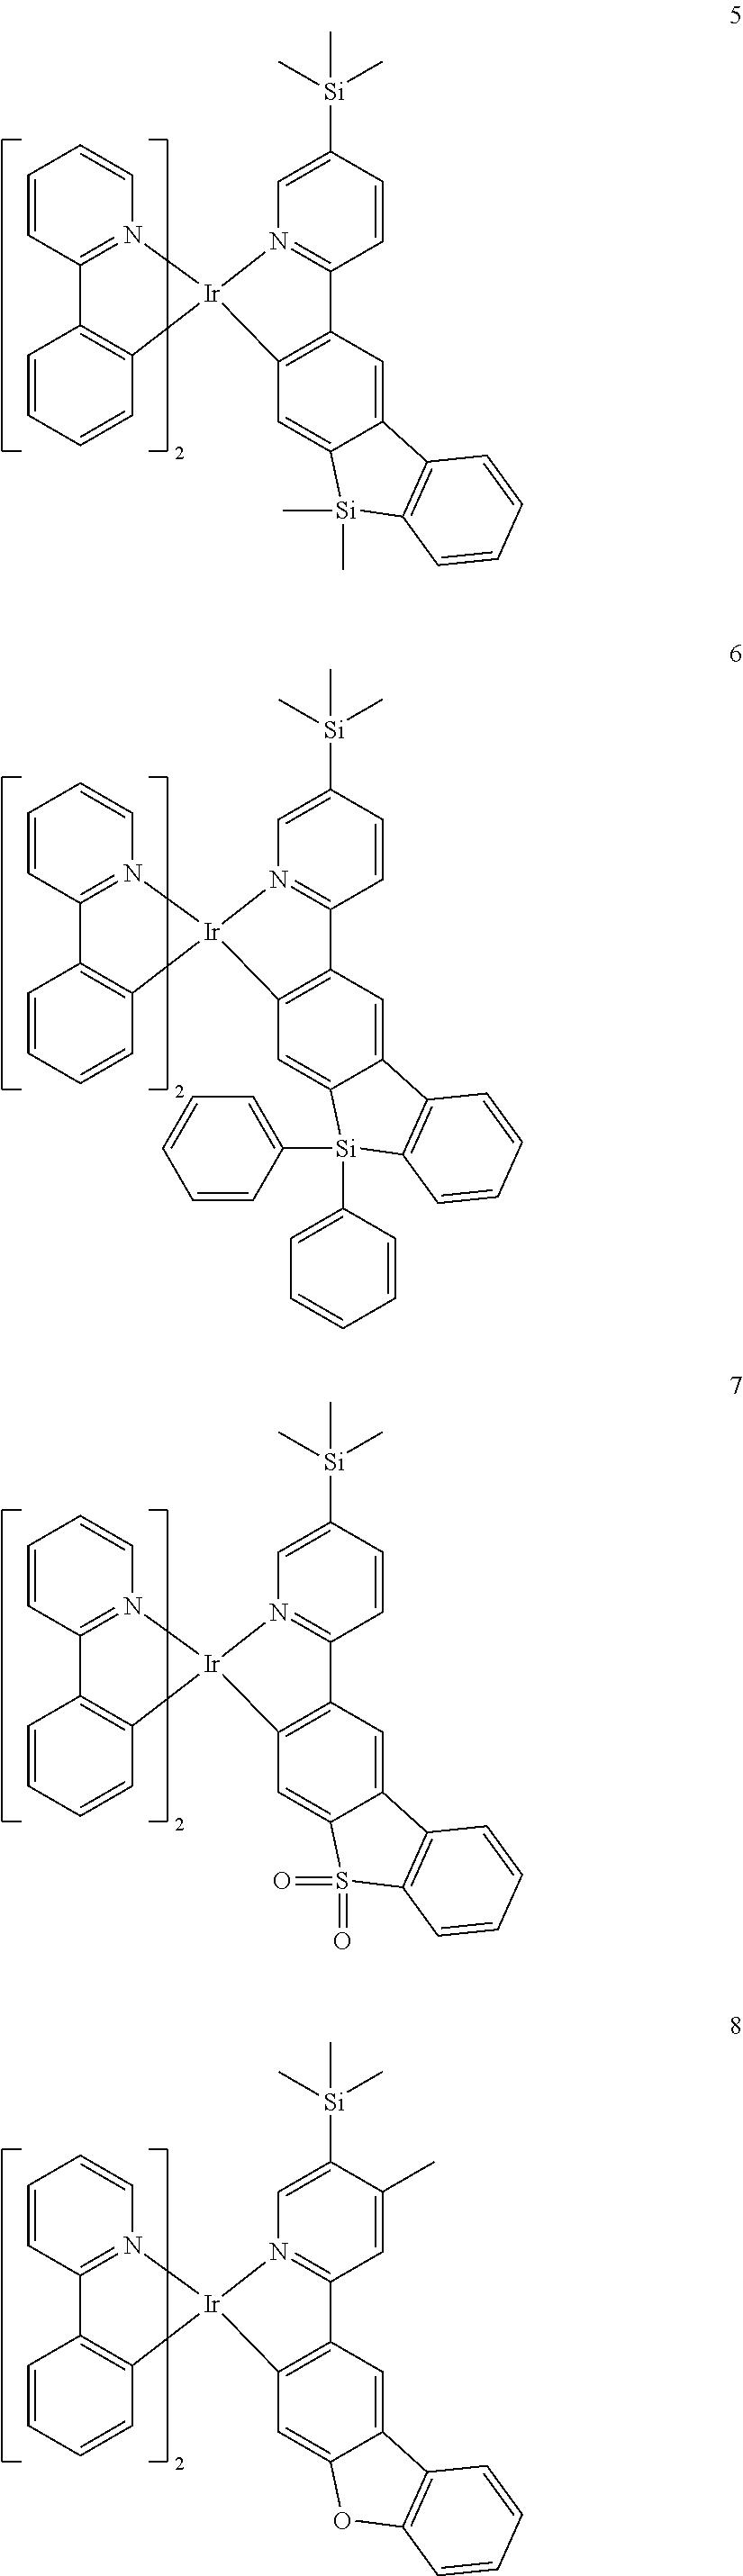 Figure US20160155962A1-20160602-C00334